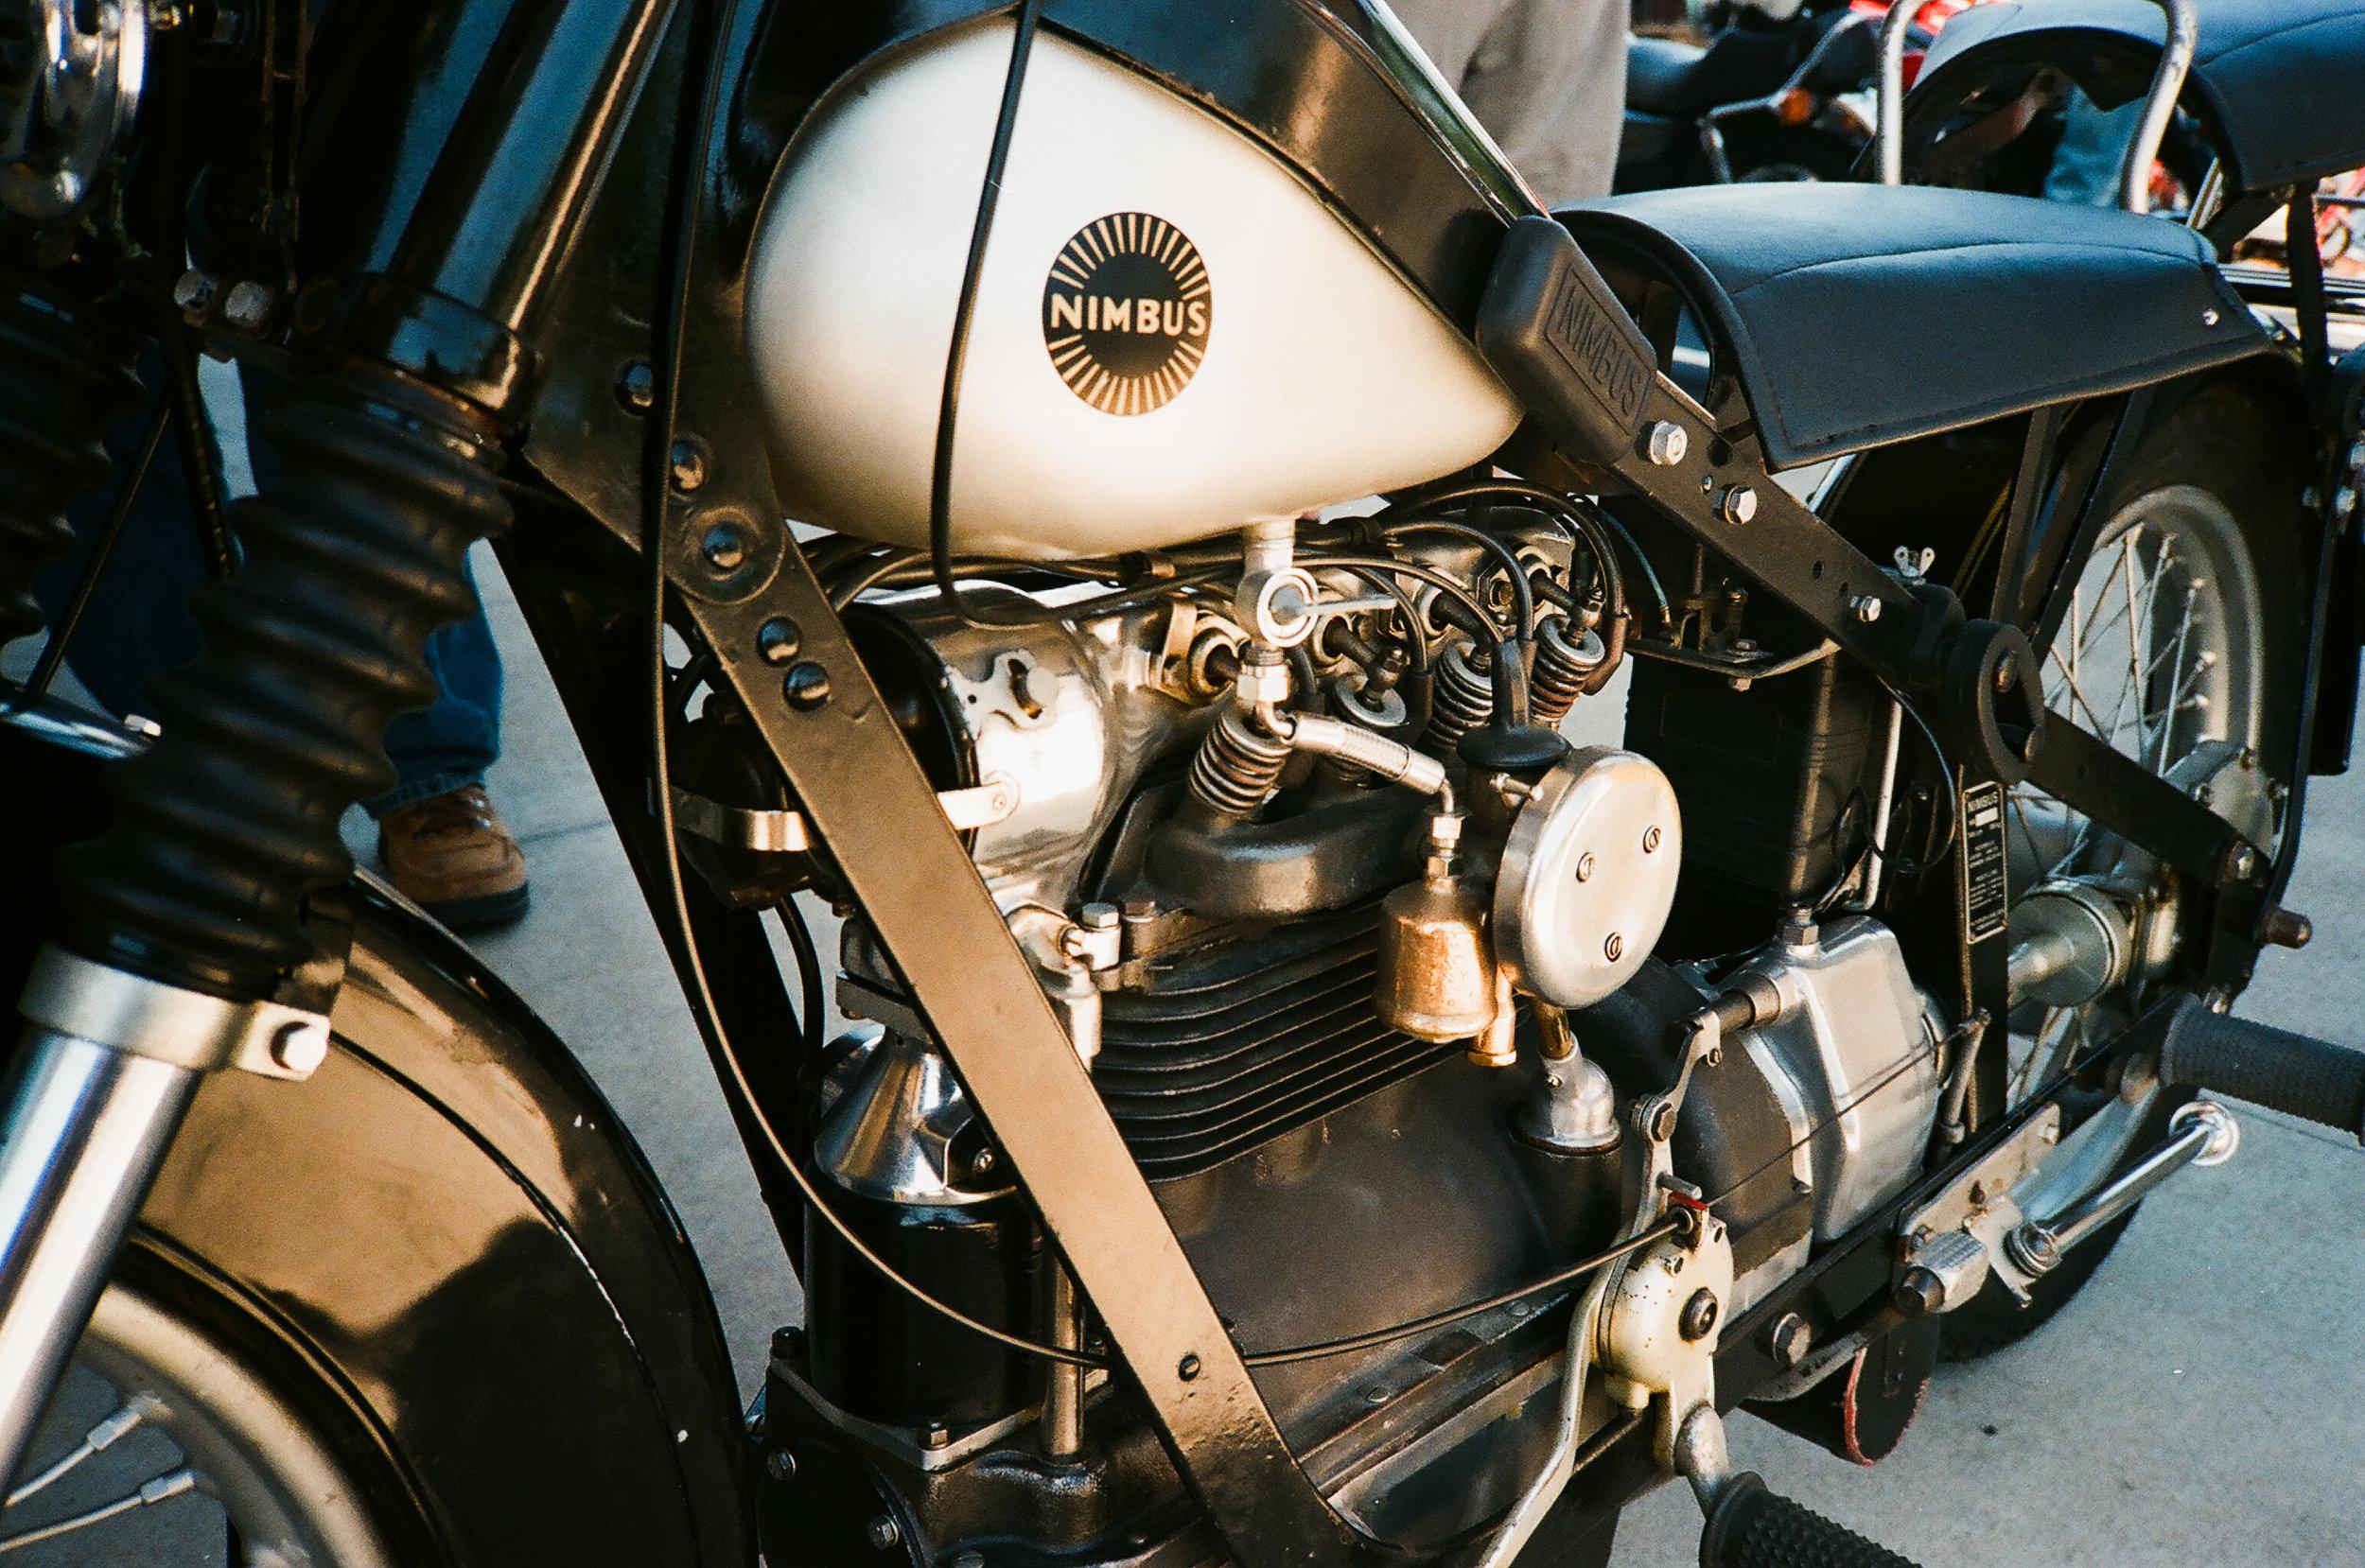 texas-motorcycle-revival-2017-58500029.jpg